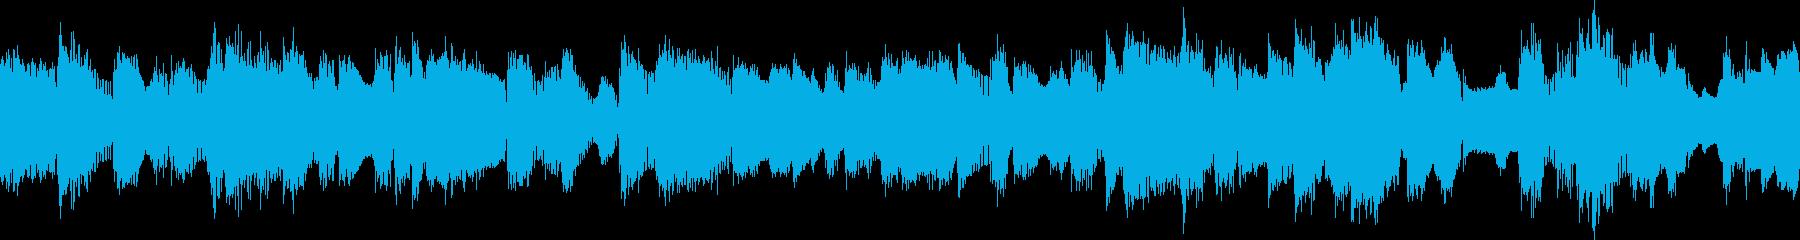 ビックバンドジャズ、スローバラードLPの再生済みの波形